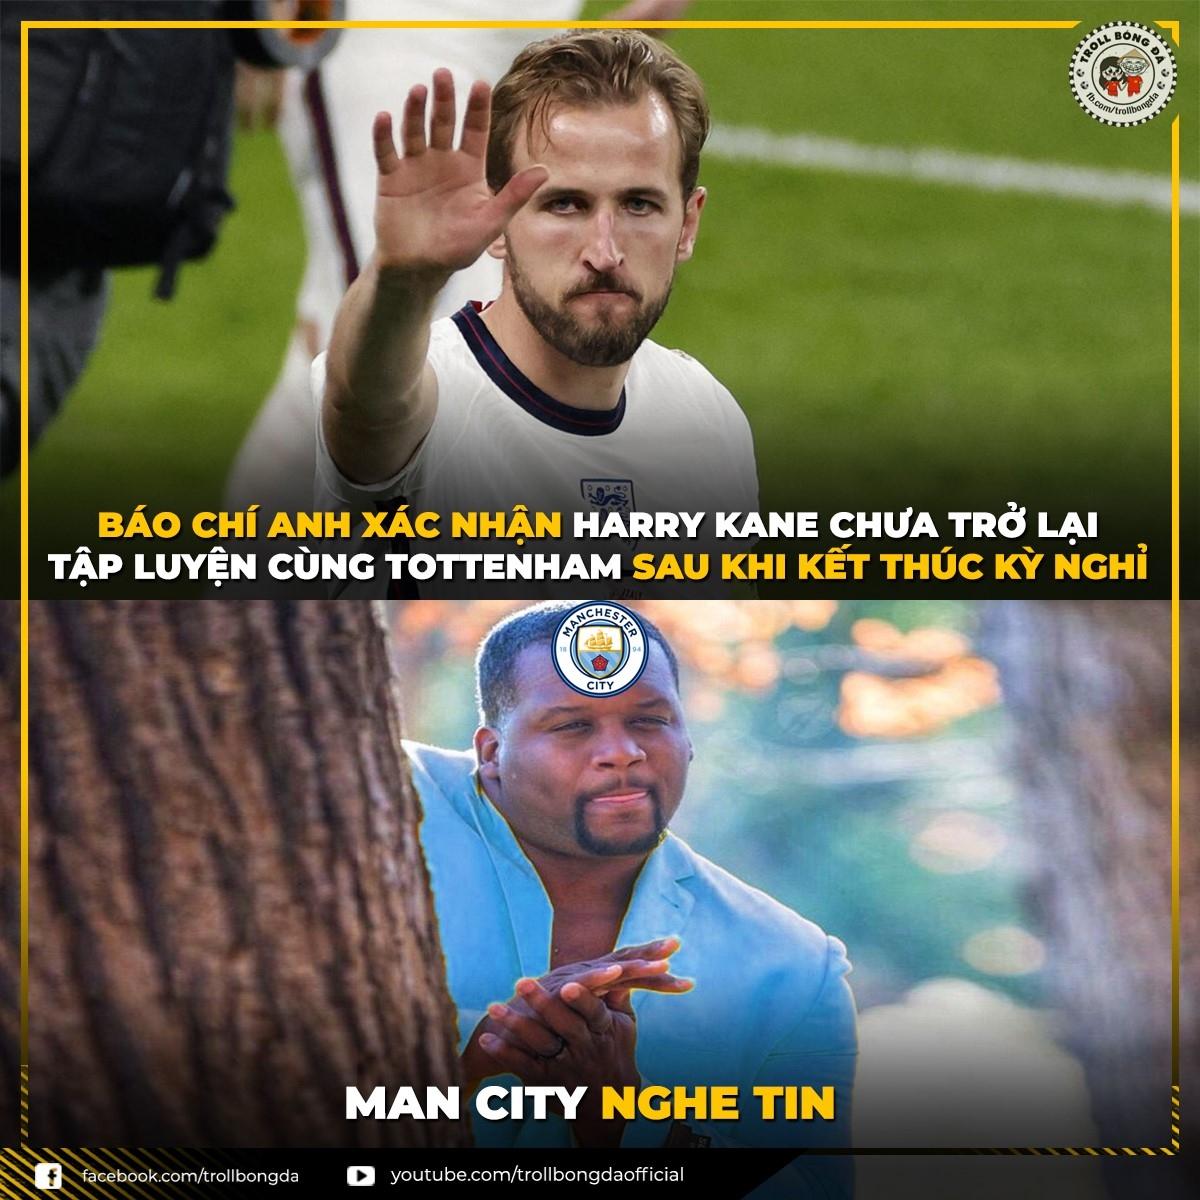 Man City mừng thầm. (Ảnh: Troll Bóng Đá)